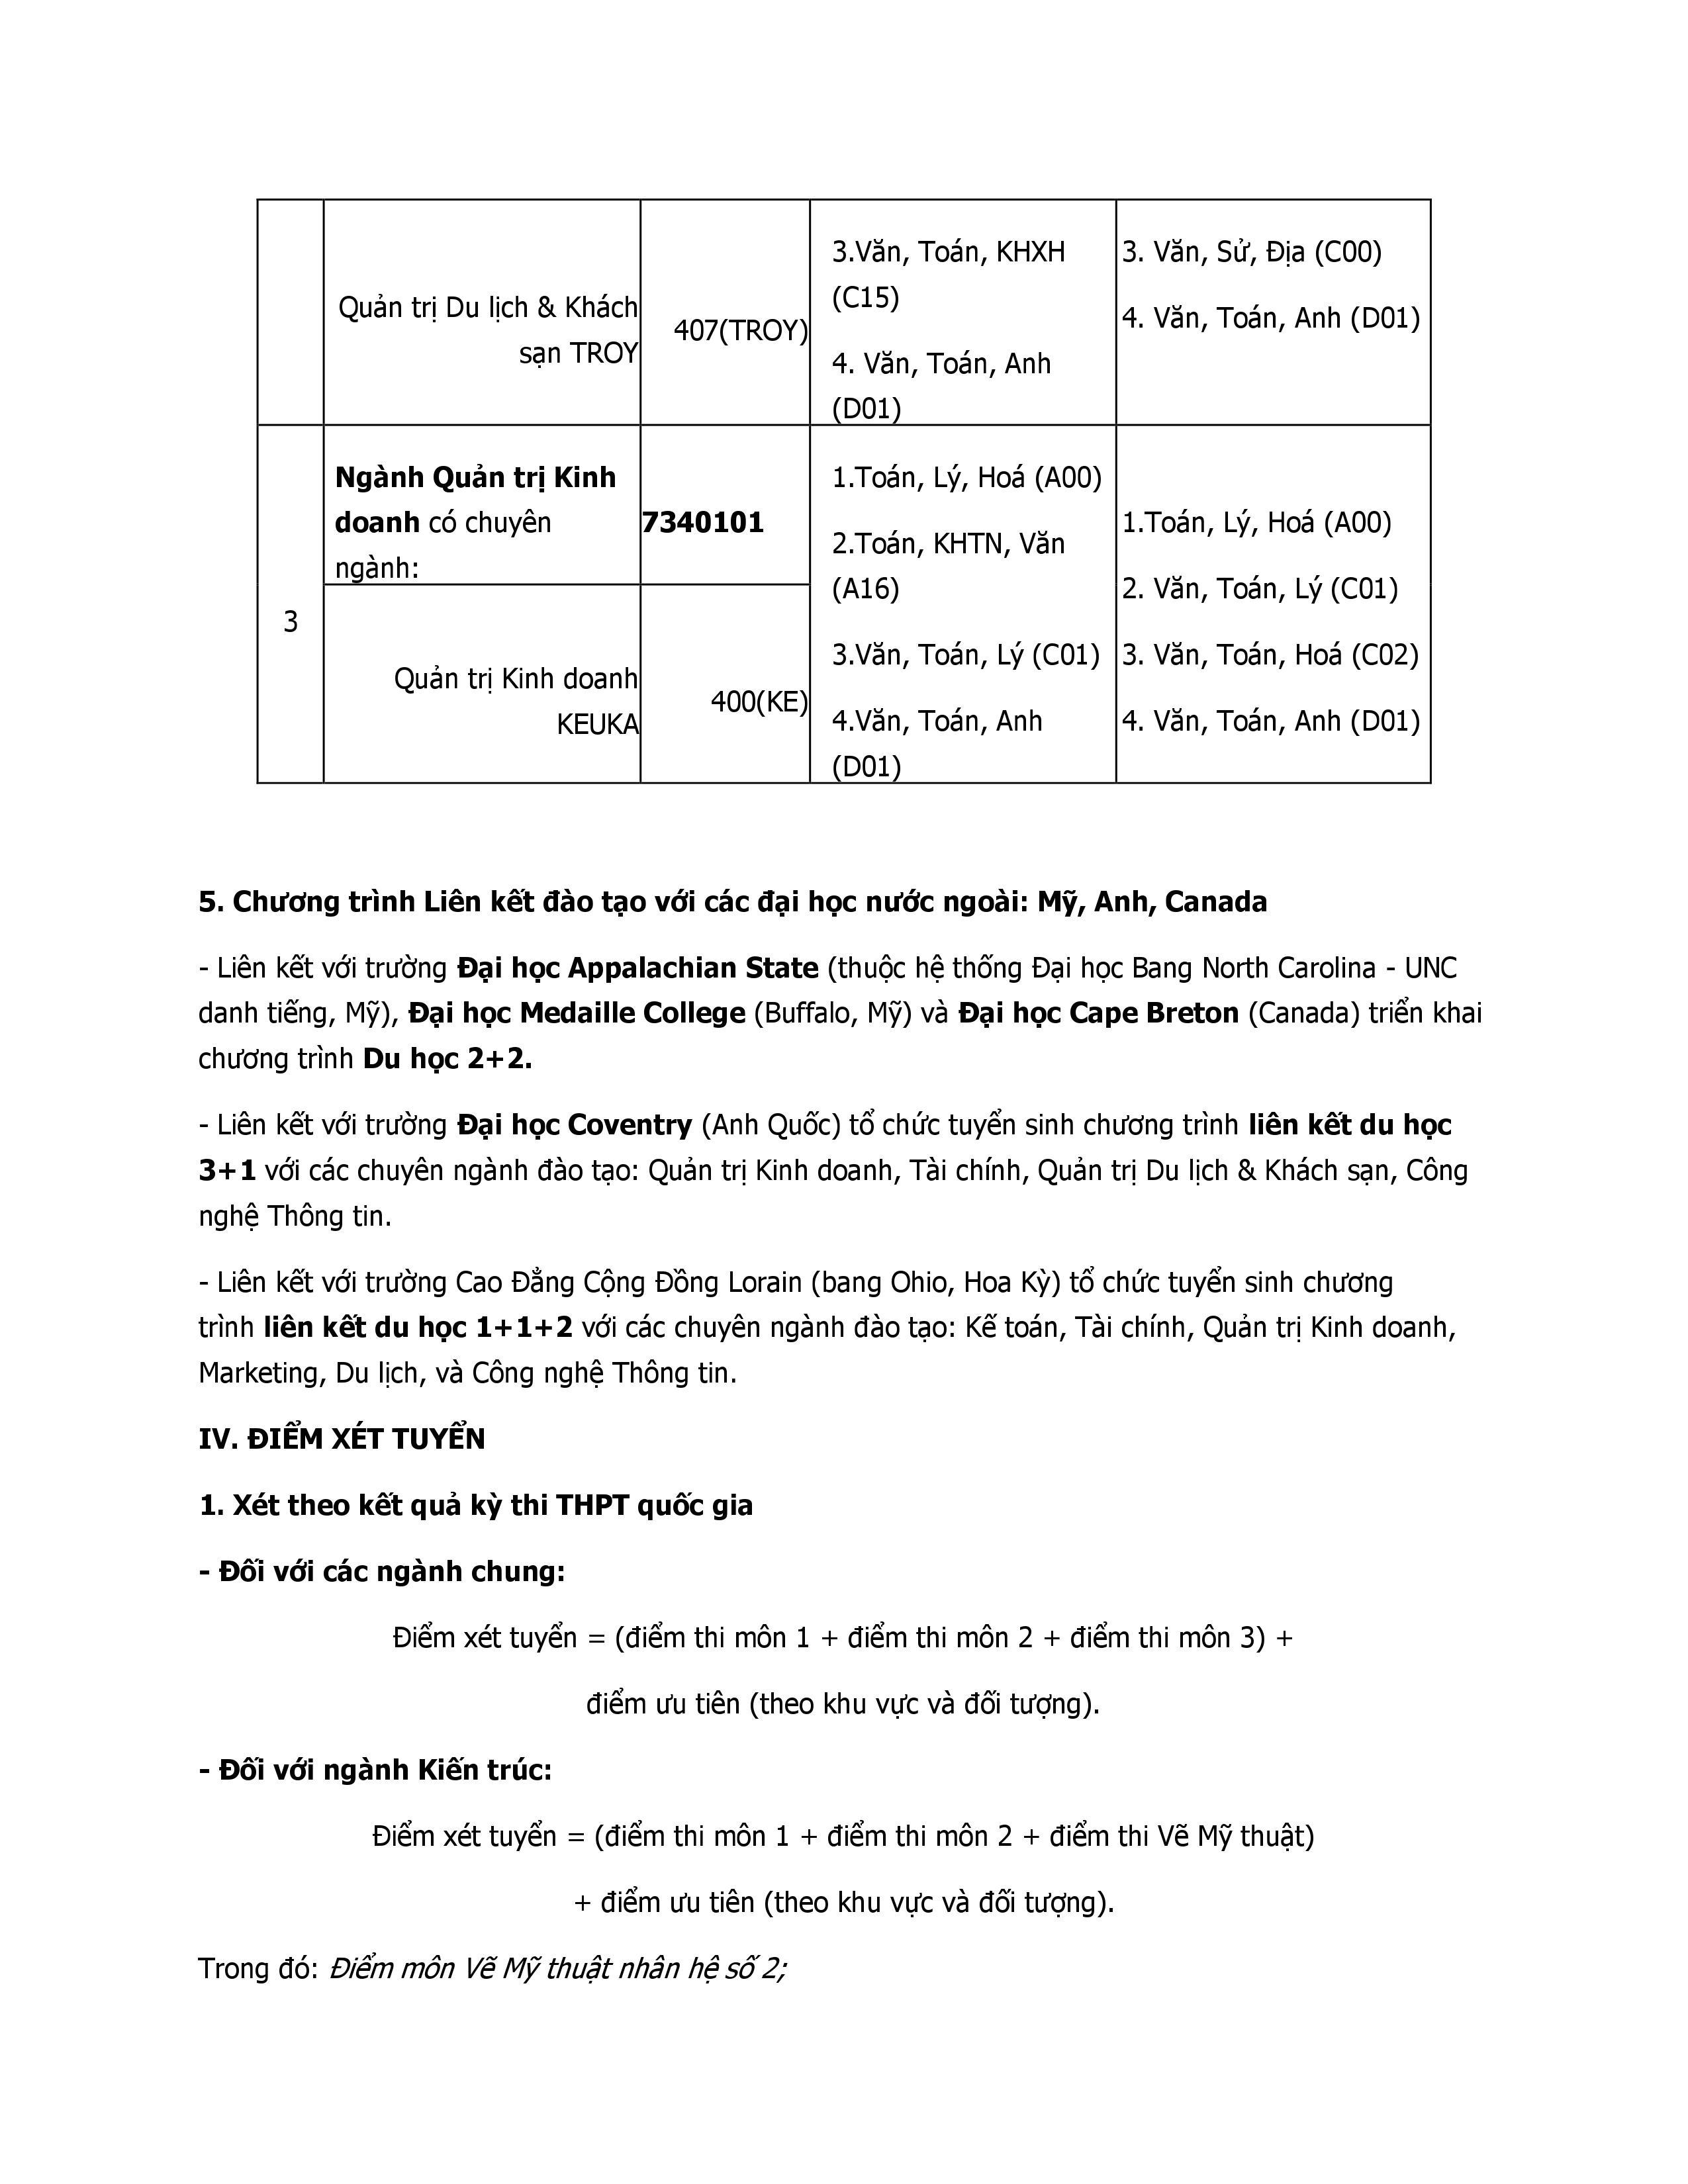 Nghề Kế toán, Kiểm toán - Cơ hội và Thách thức trong Thời kỳ Hội nhập Bbc8c152-a277-400d-8670-7fc9cbabf5f7